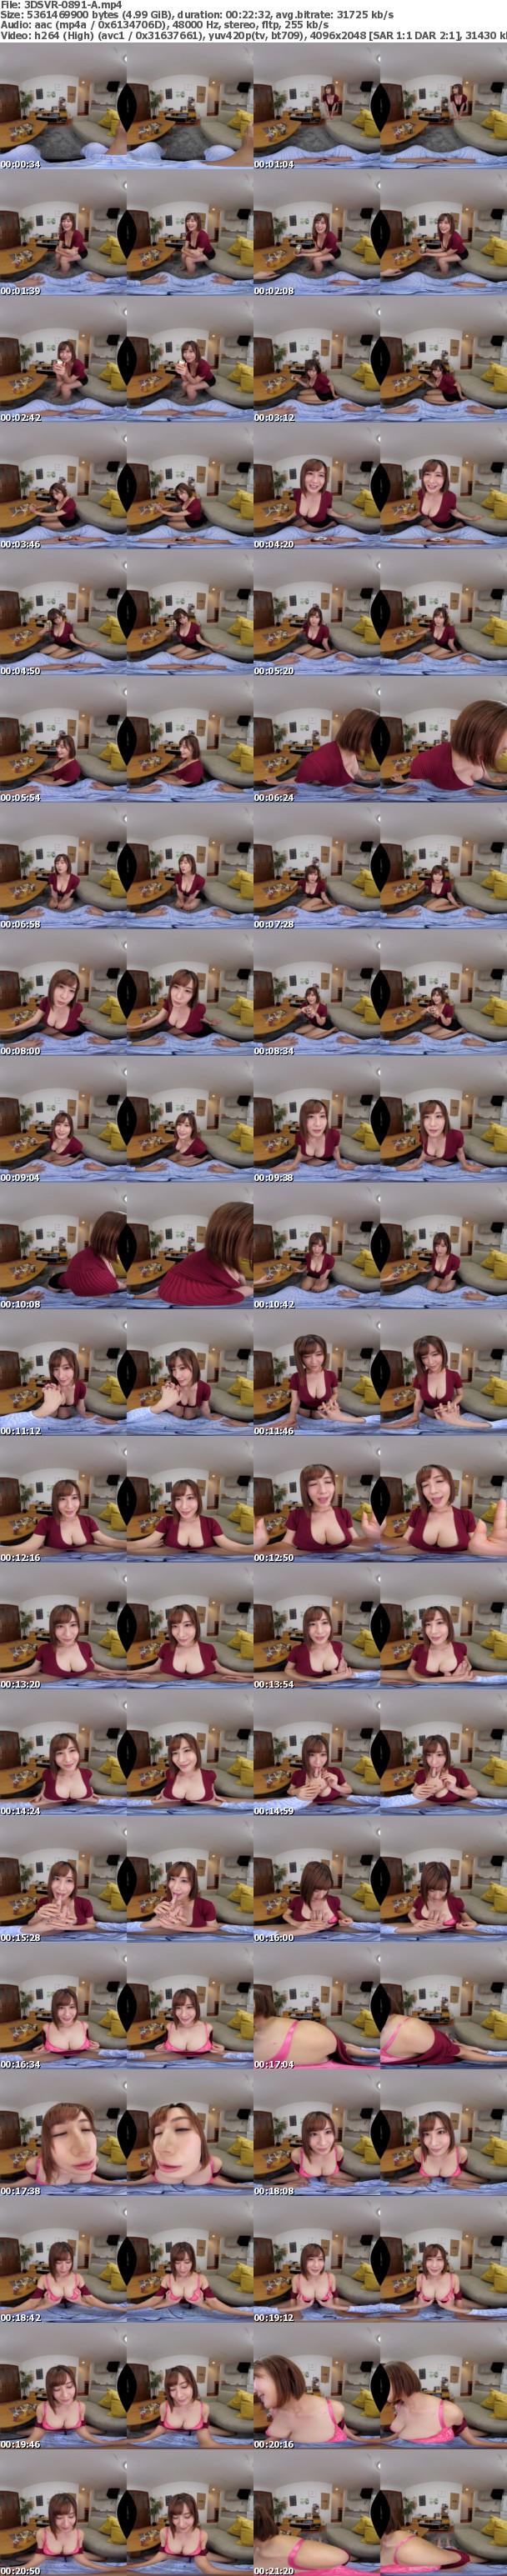 (VR) 3DSVR-0891 ふすまの向うには最愛の妻 酔った義姉に痴女られる 超密着!声我慢押し入れ不倫 藤森里穂